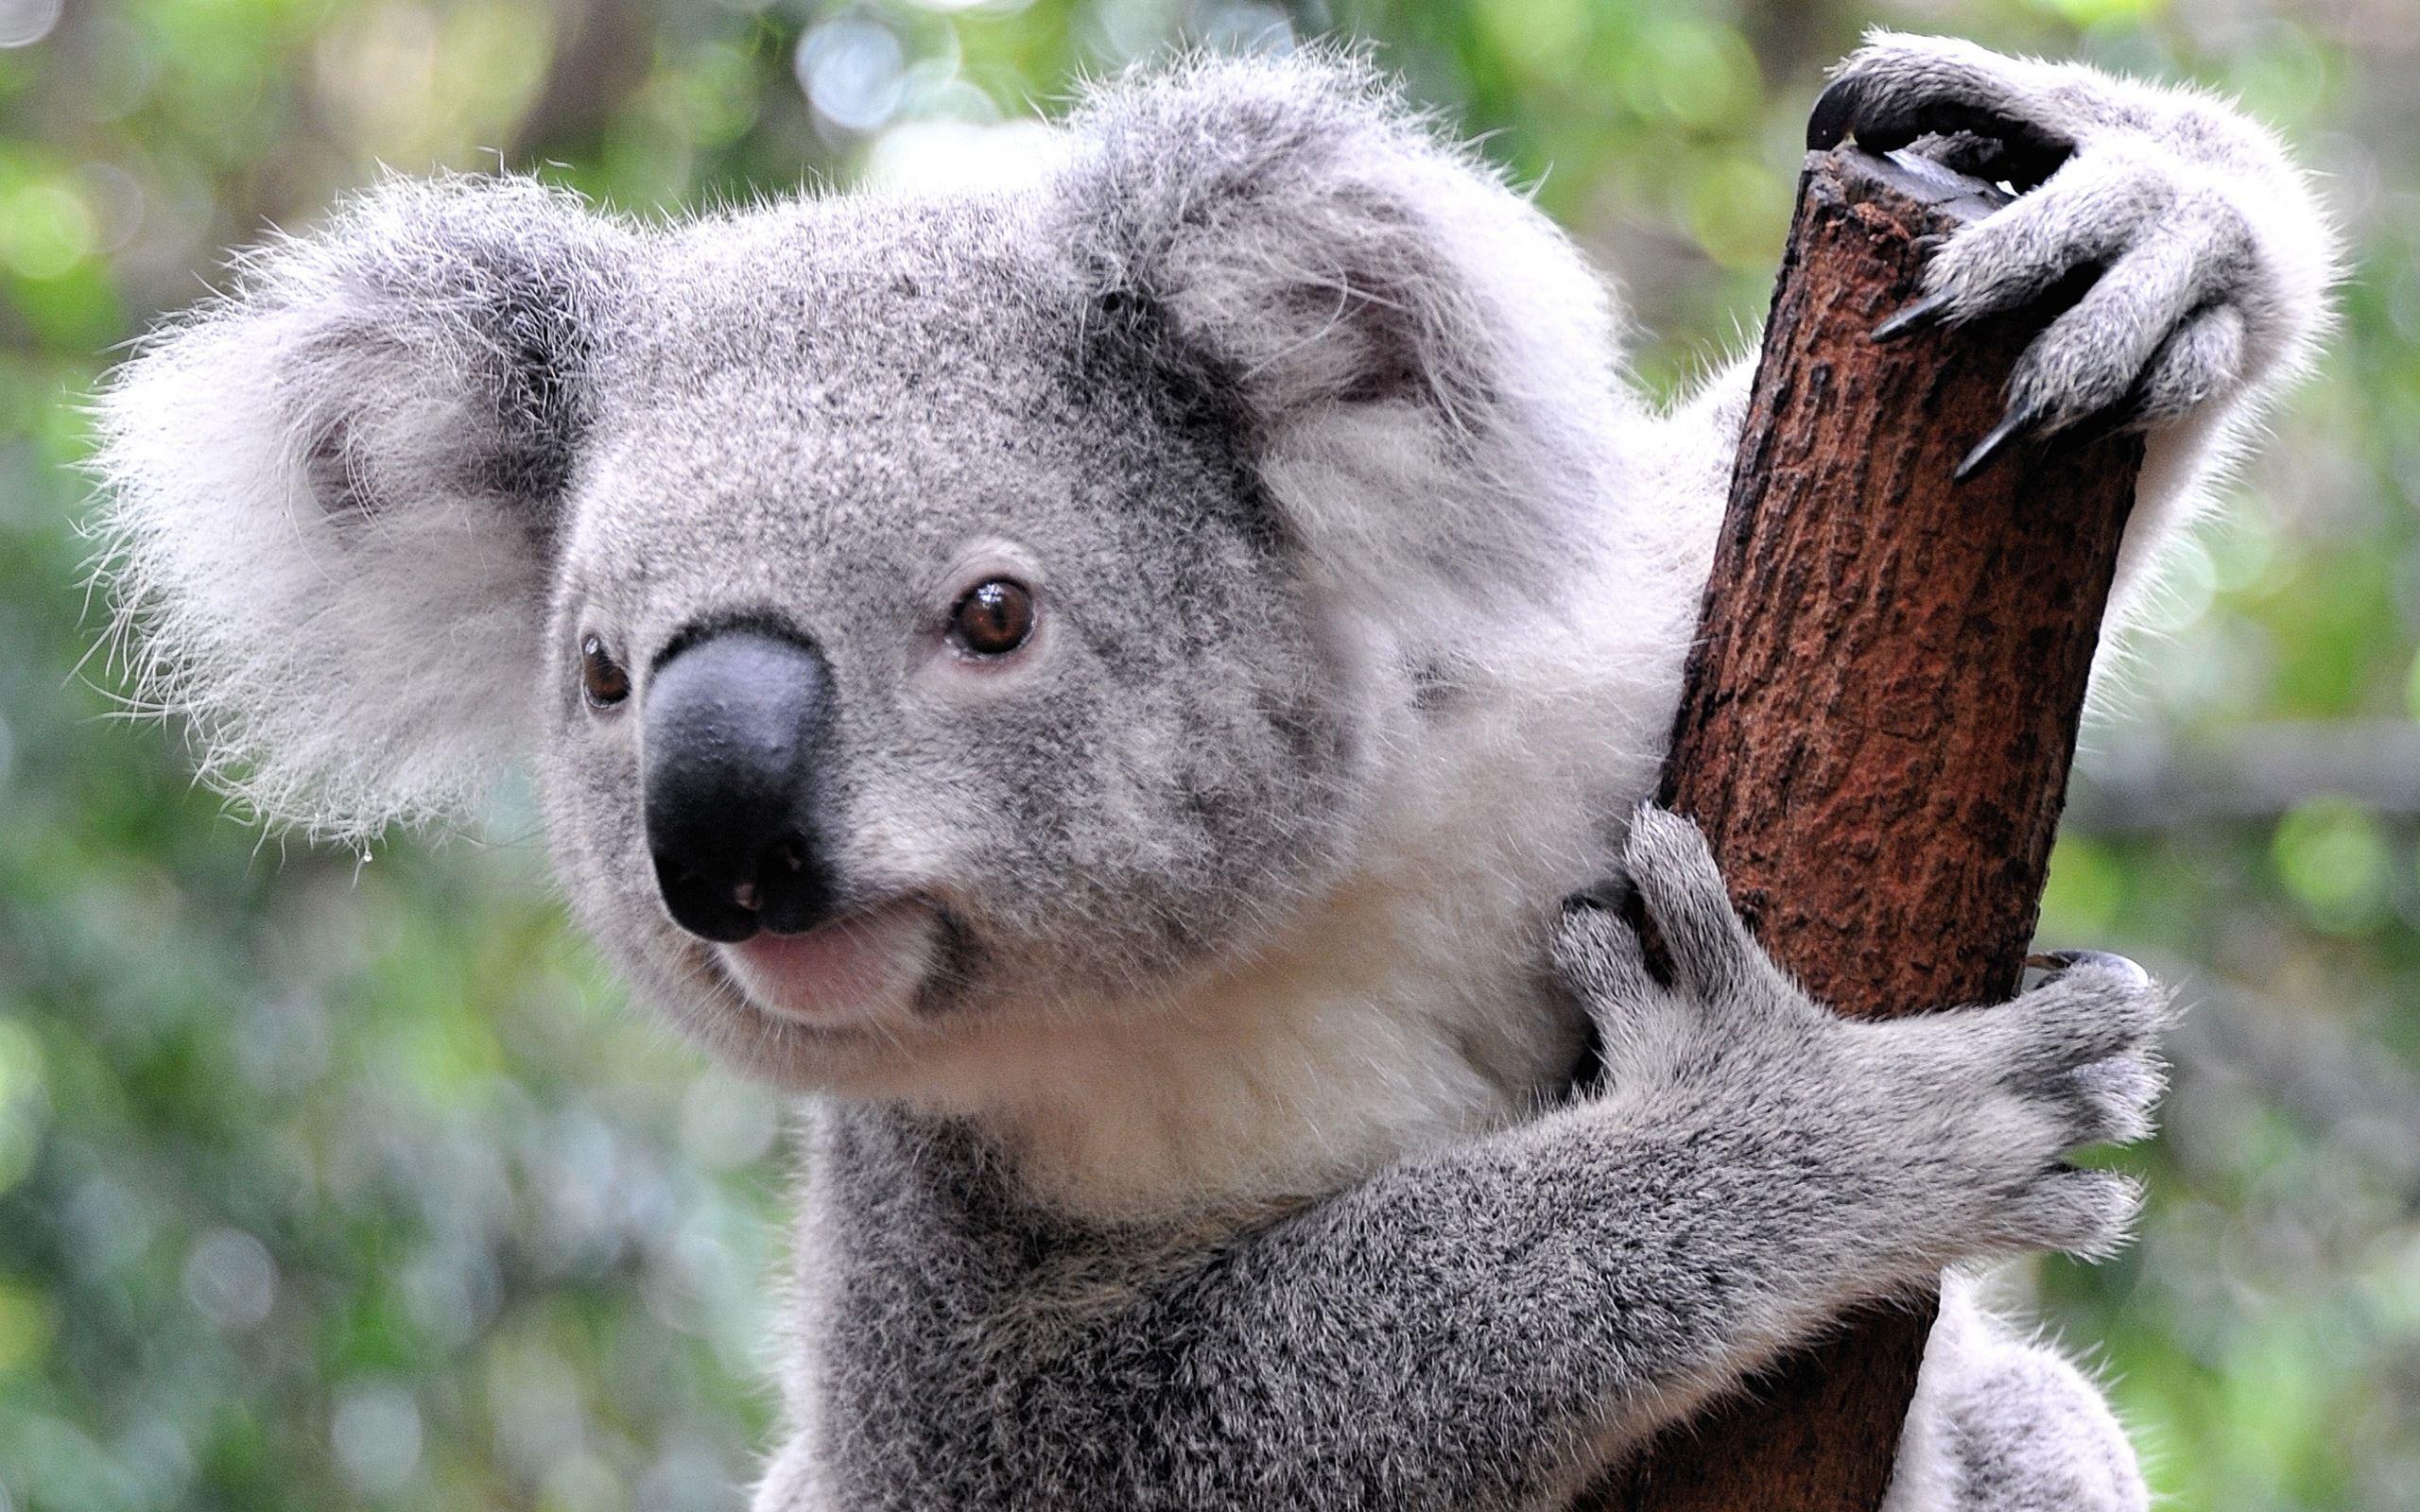 ¿Cuántas horas duerme un koala al día?